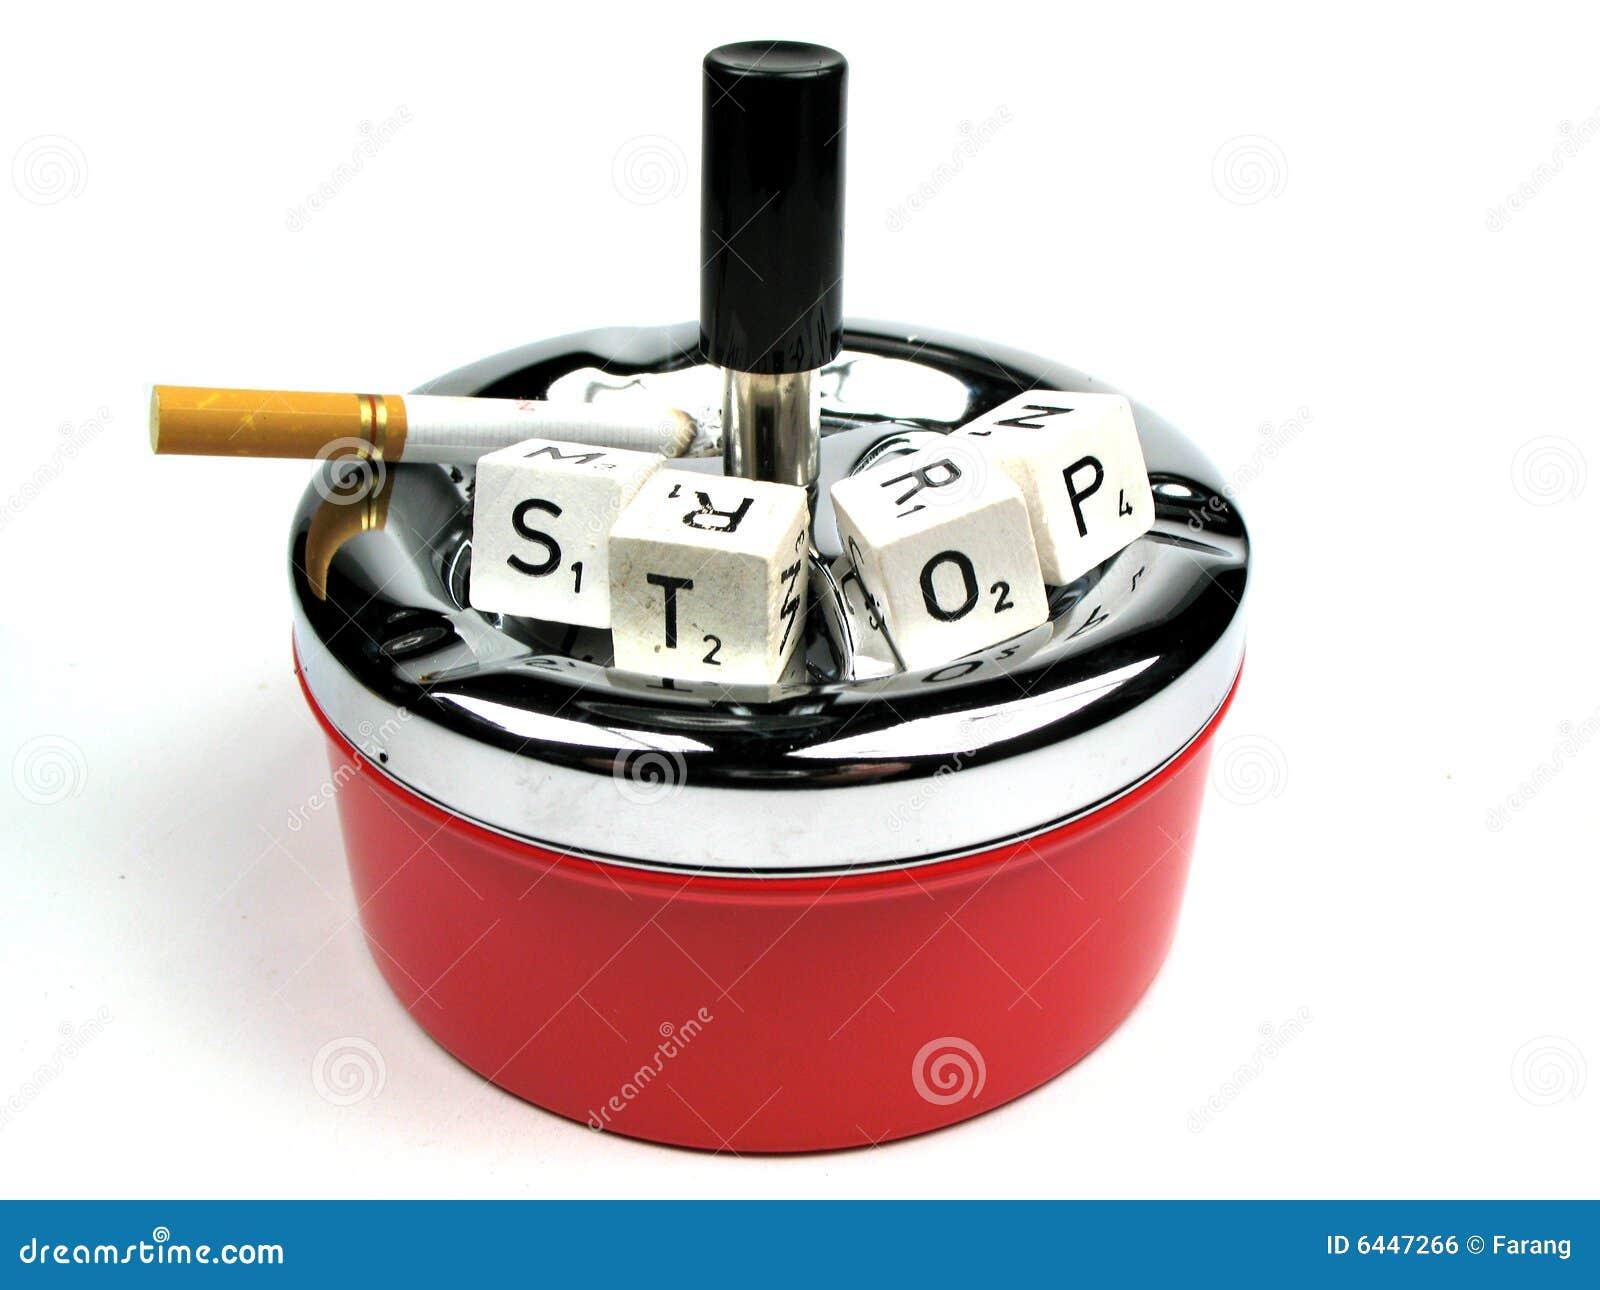 Quello che è utile per polmoni quando smesso fumando